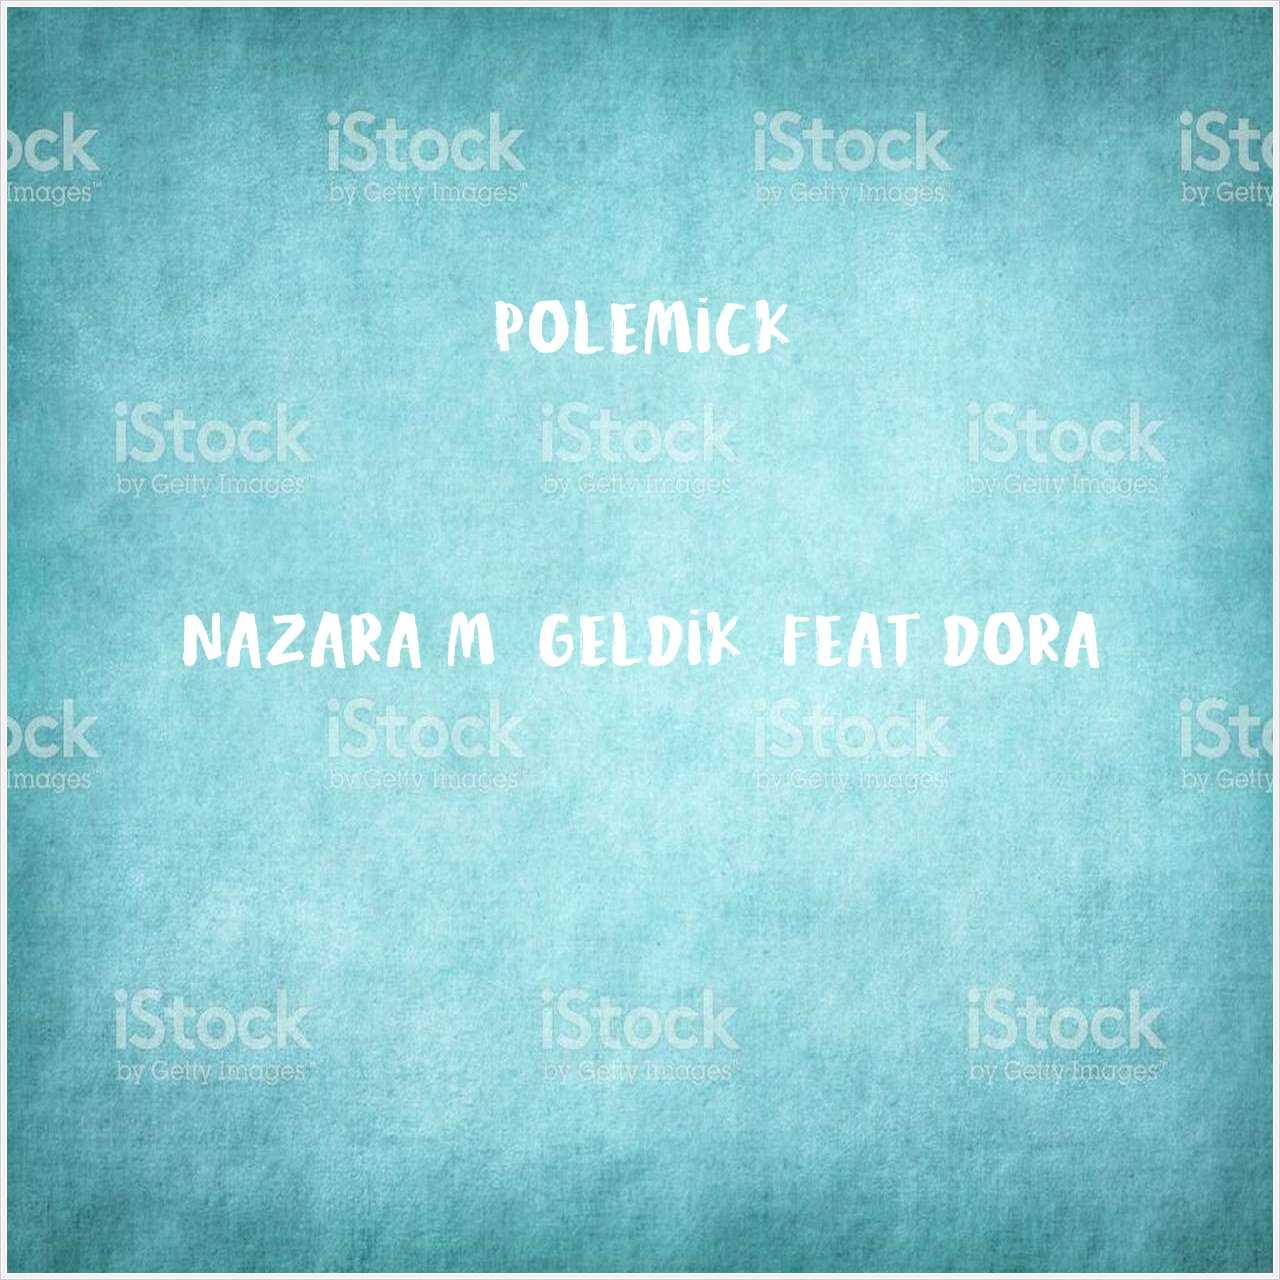 دانلود آهنگ جدید Polemick به نام Nazara Mı Geldik (feat Dora)